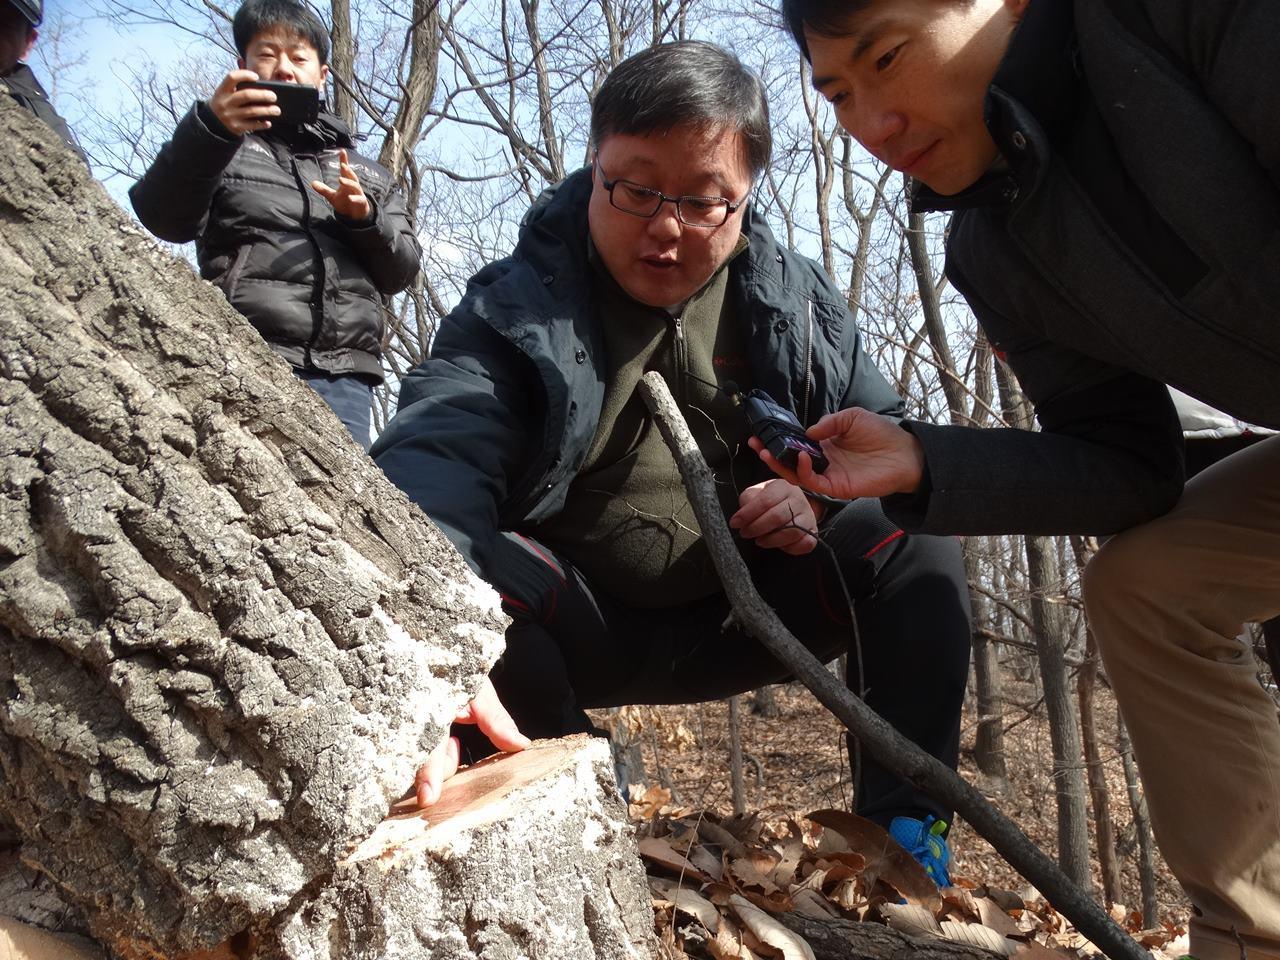 상지대학교 엄태원 교수가 현장을 방문하여 시공업체가 베어낸 굴참나무를 보며 35년이 넘은 나무라고 말합니다. 30~50살 된 참나무가 사는 이곳은 7등급이 아니라 공사가 불가능한 8등급이라고 힘주어 강조했습니다.